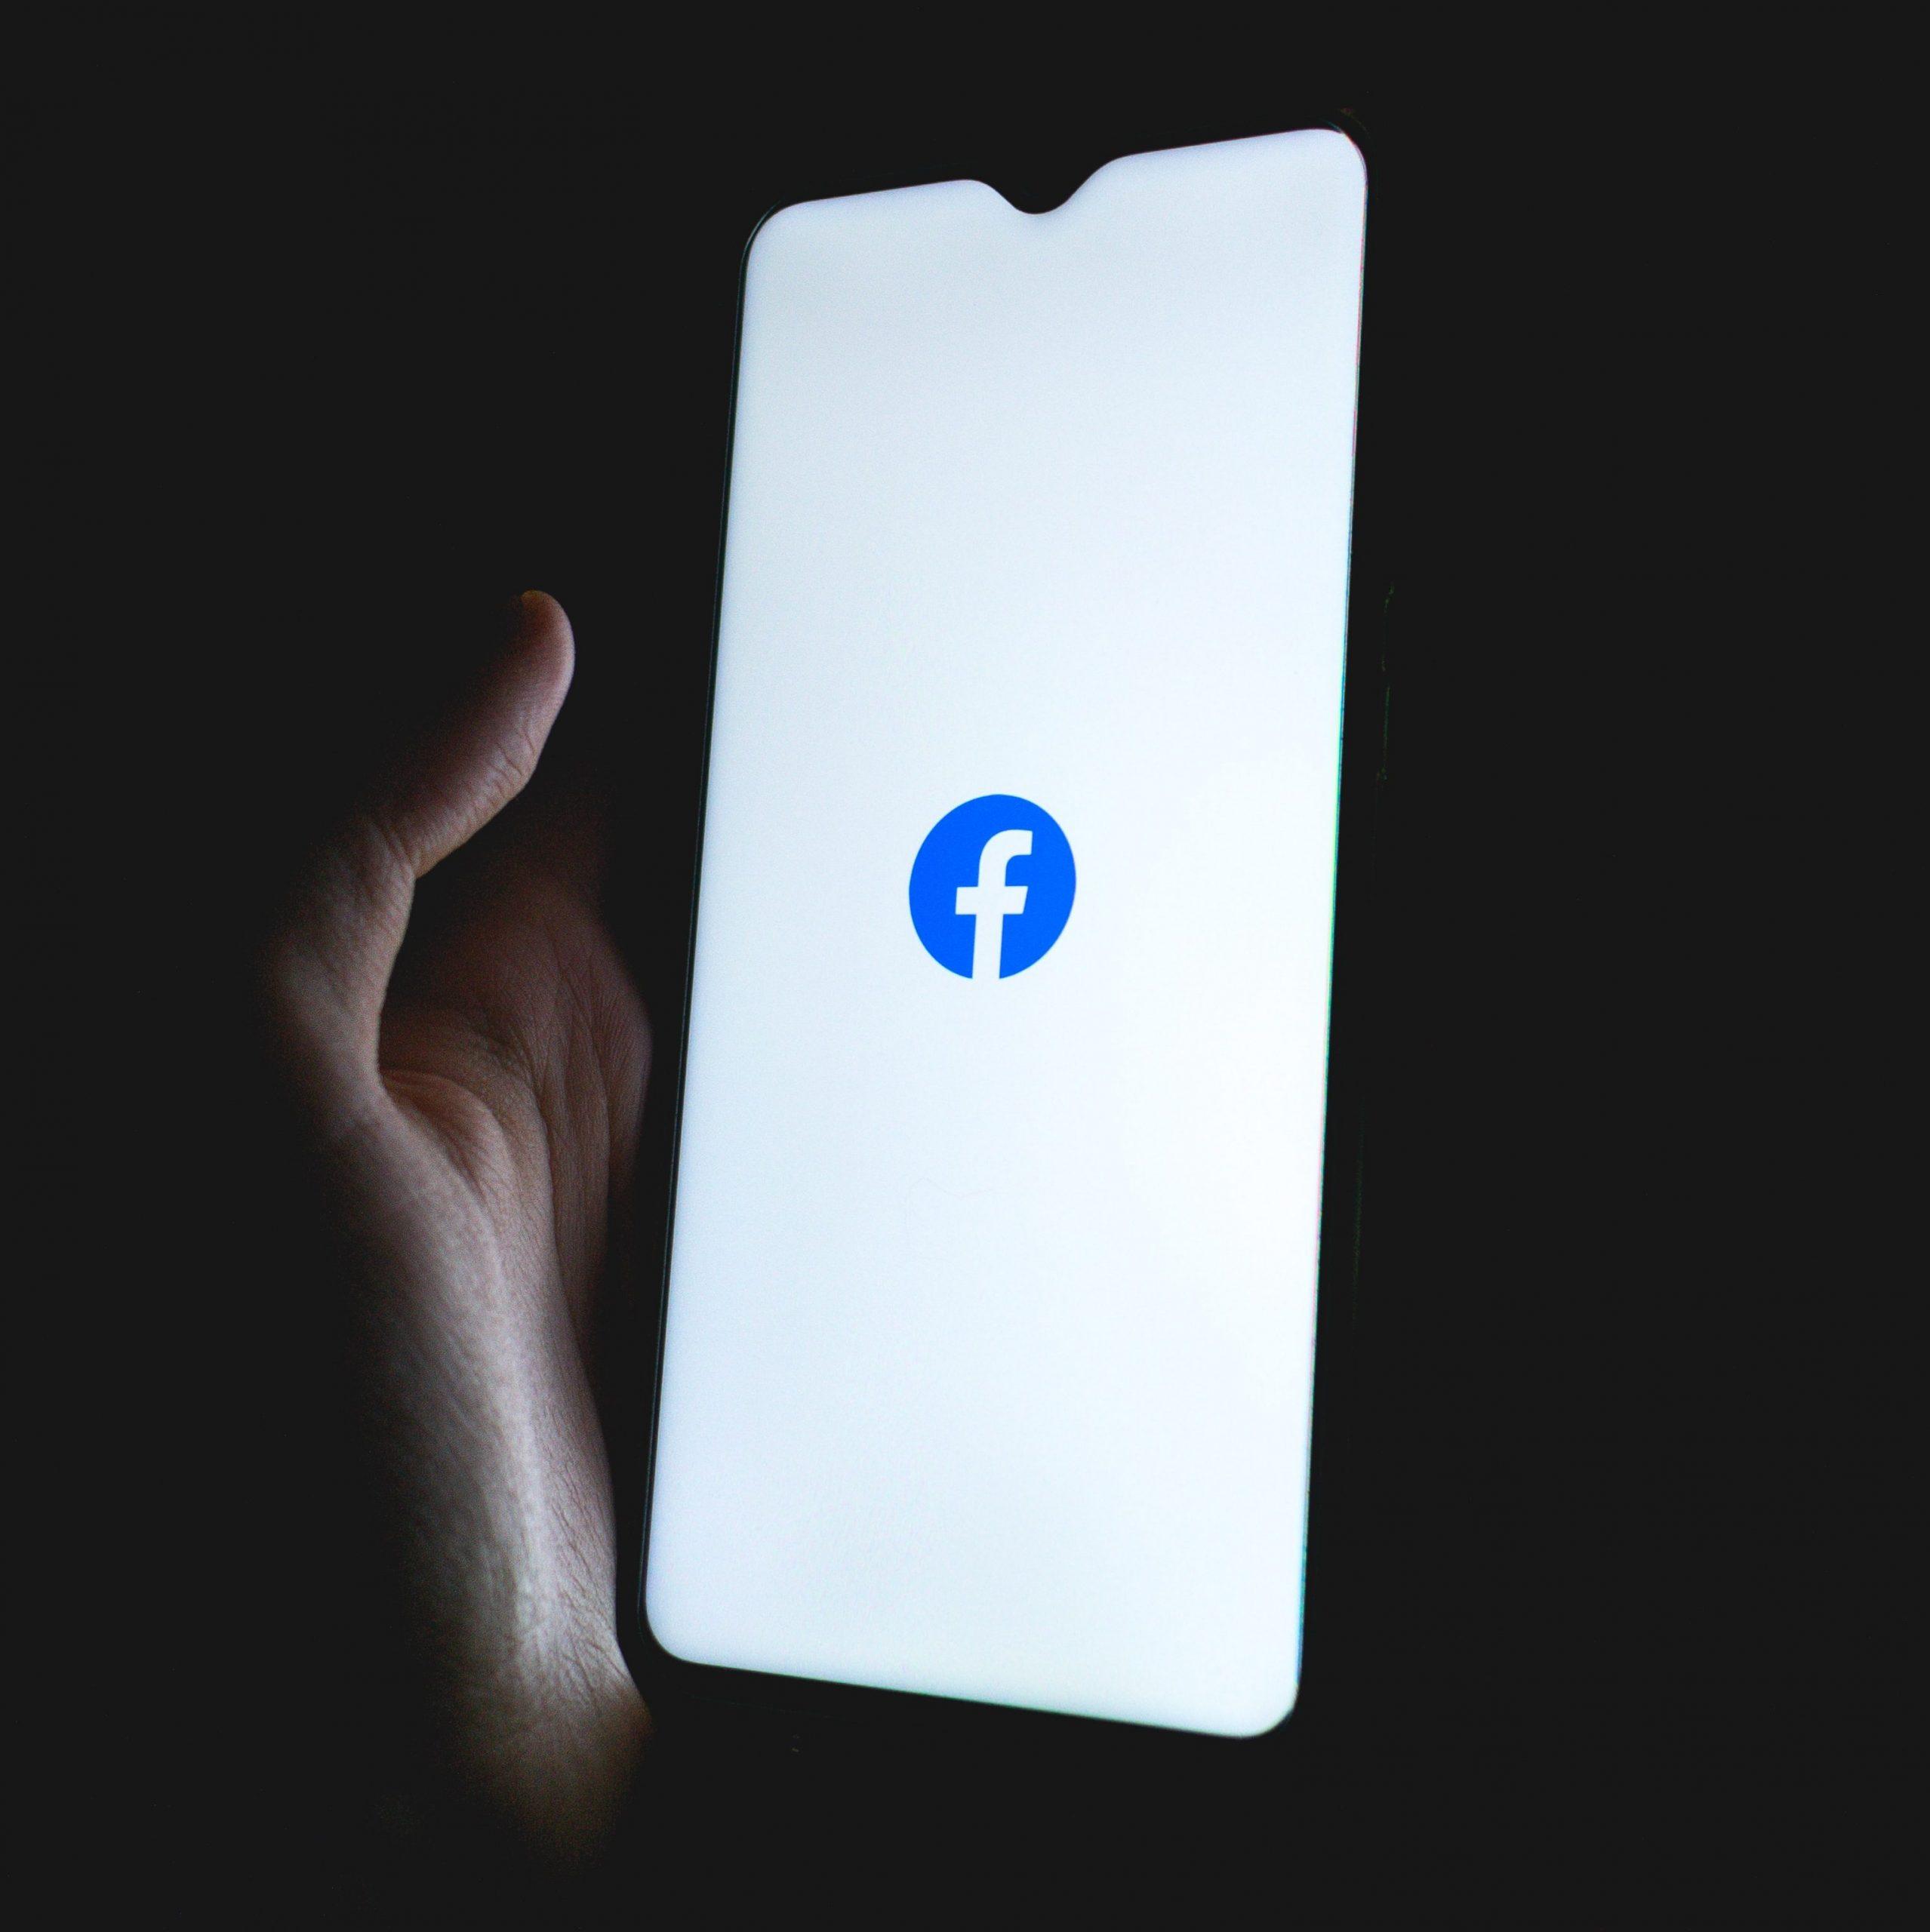 facebook, digital marketing, social media, social media marketing